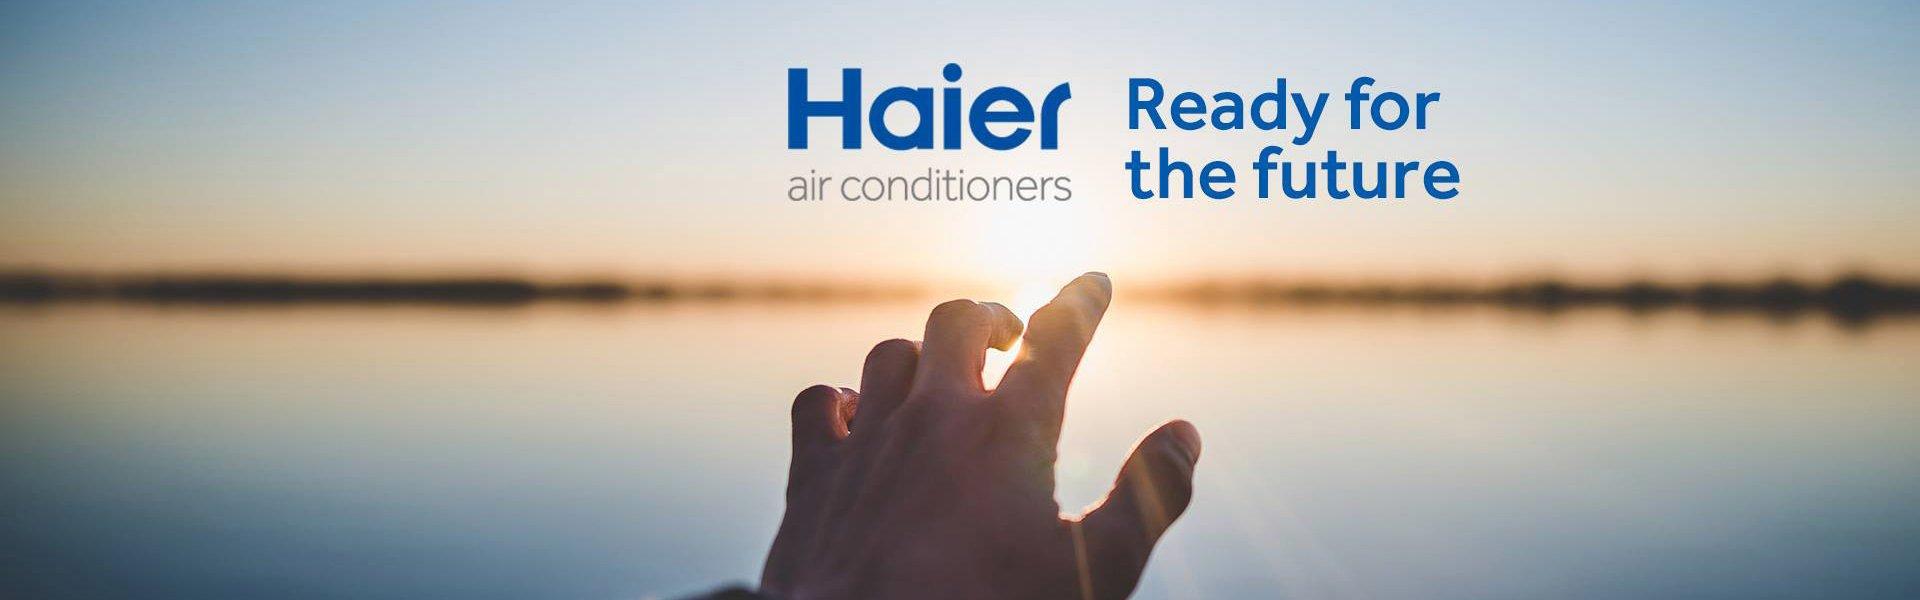 assistenza climatizzatori haier palermo